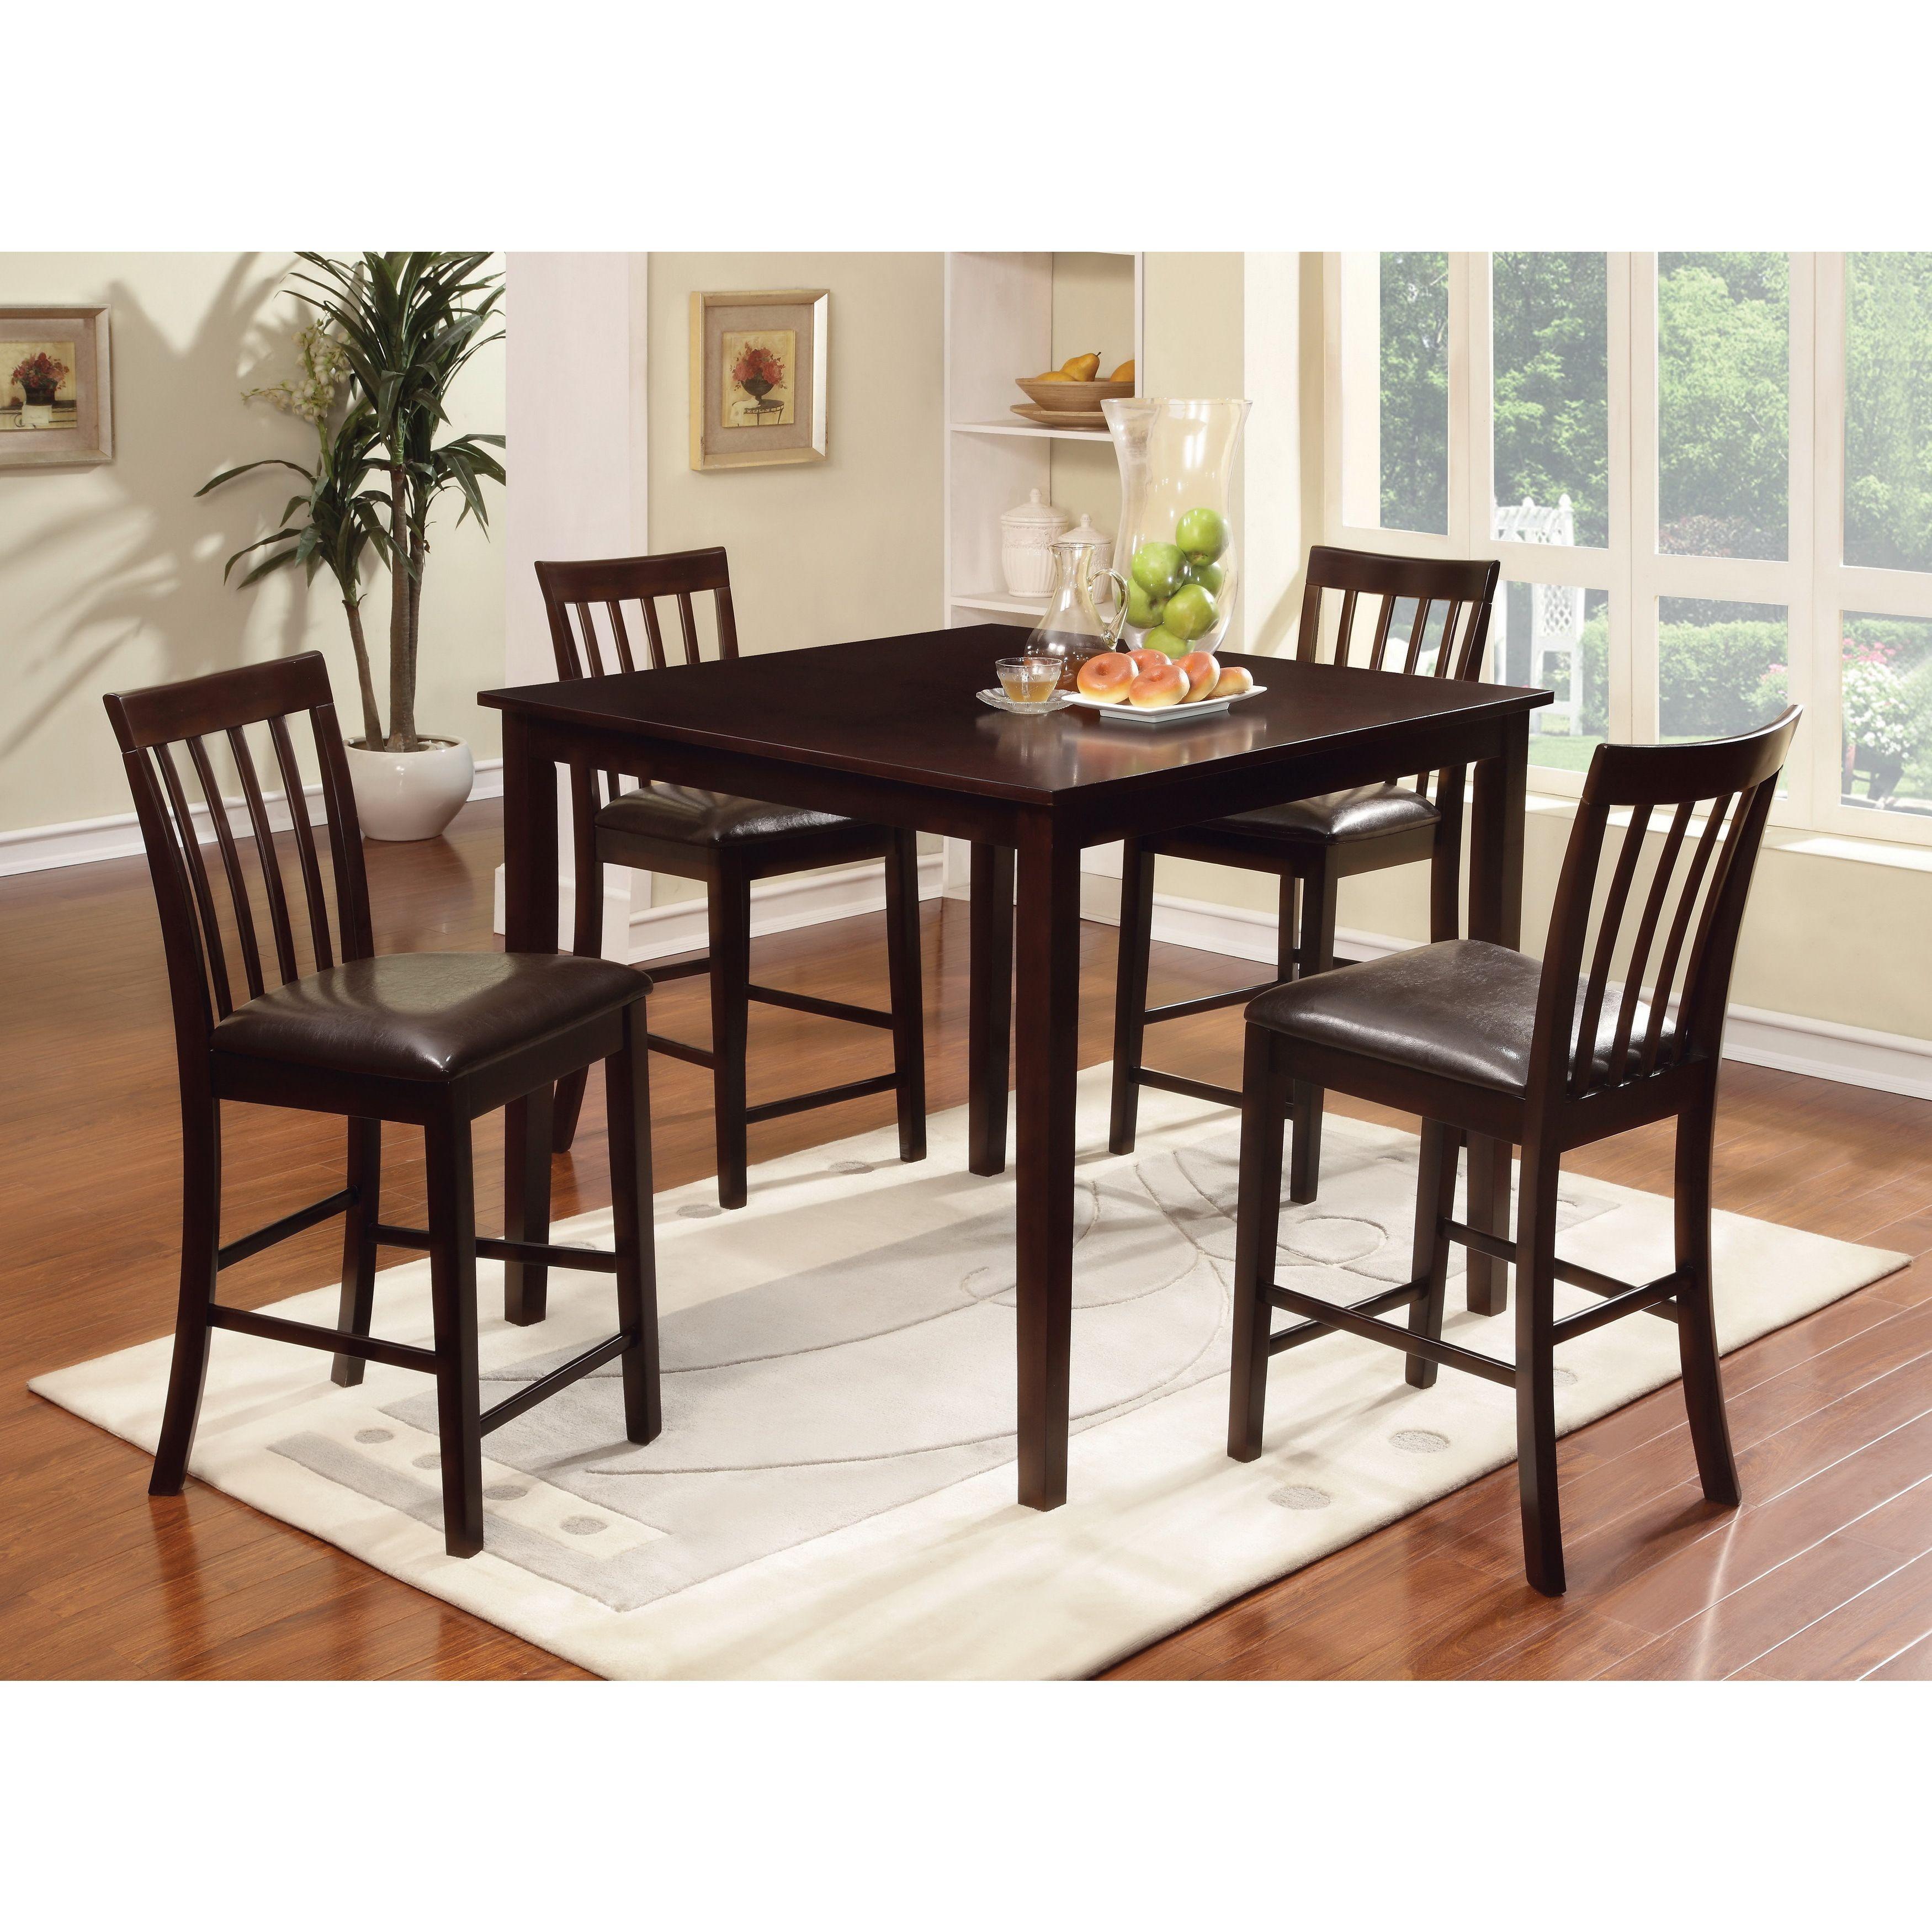 Furniture Of America Laguna Espresso Modern Counter Height 5 Piece